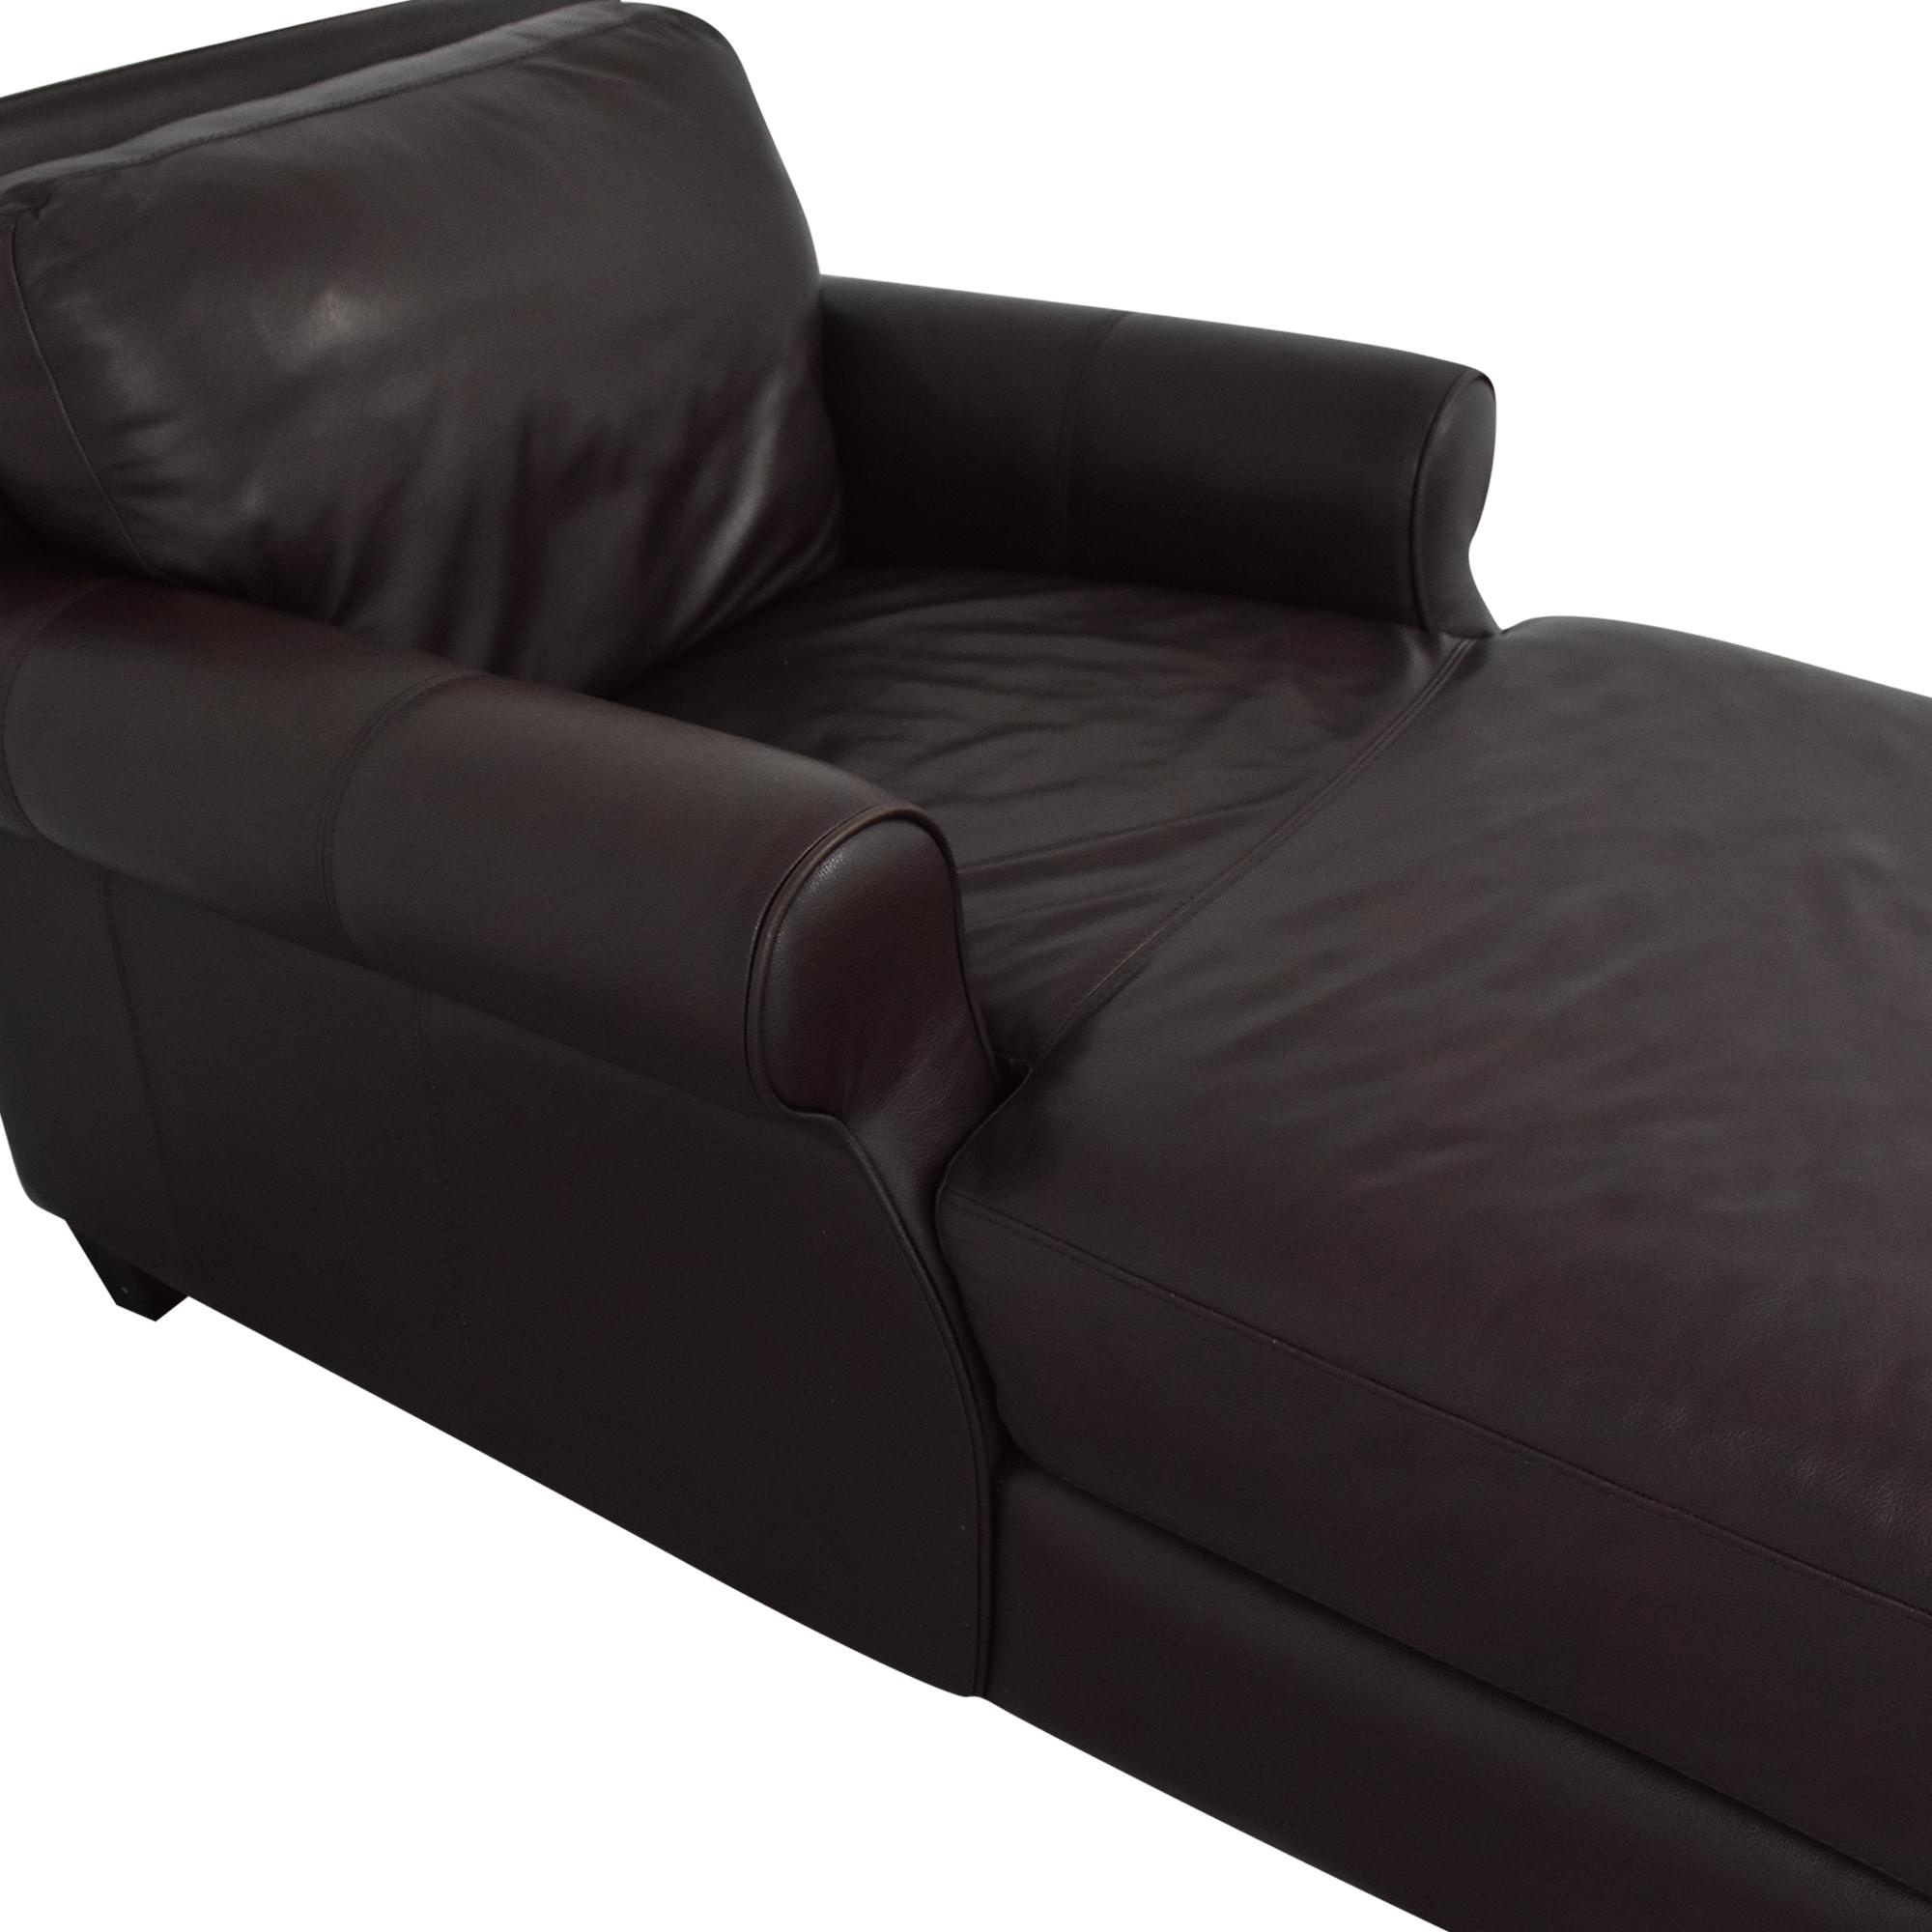 Chateau d'Ax Chateau d'Ax Roll Arm Chaise Chair Sofas